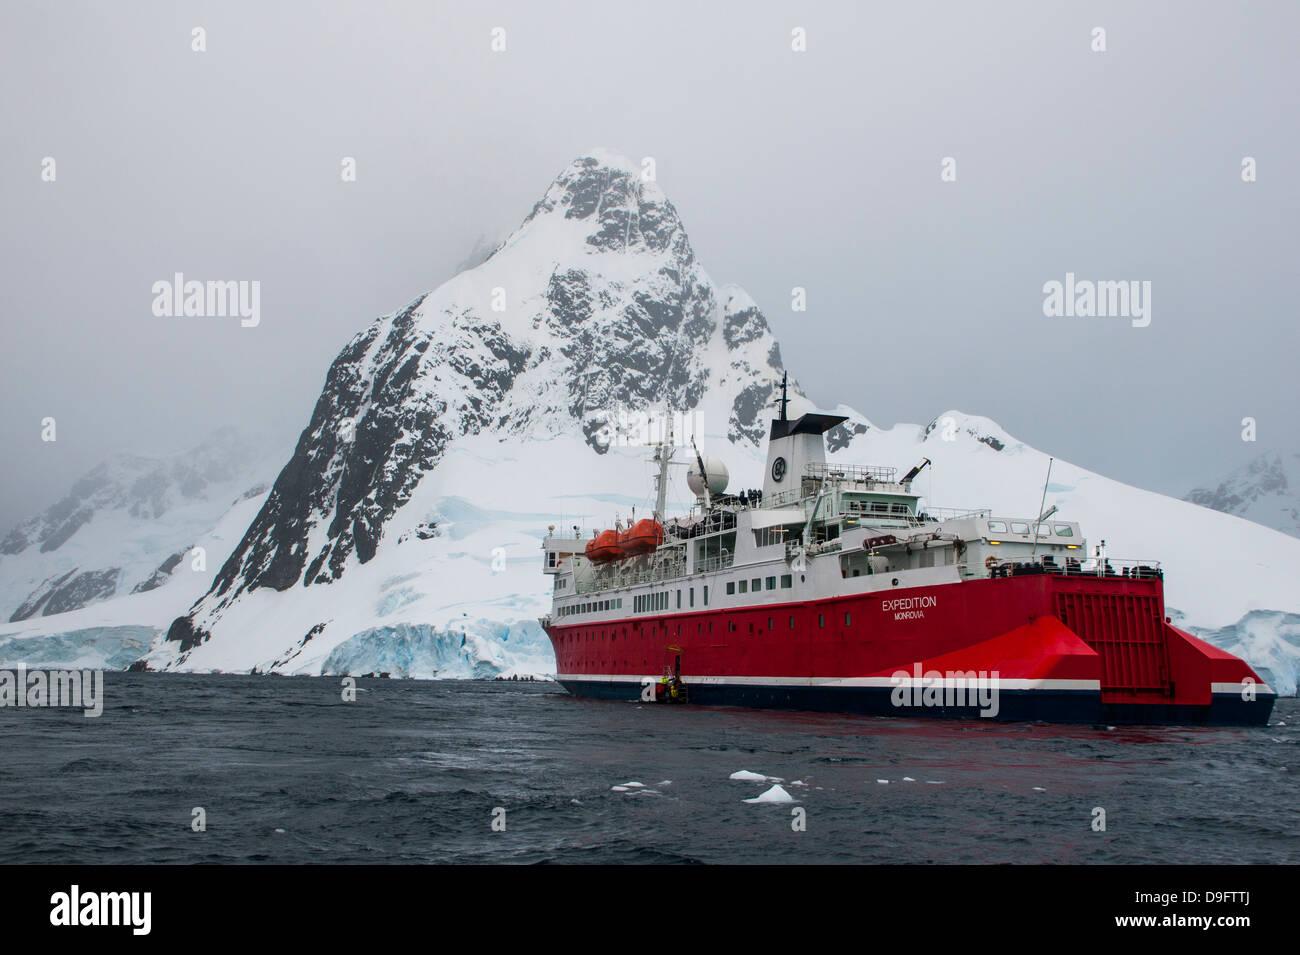 La nave di crociera nel canale di Lemaire, Antartide, regioni polari Immagini Stock